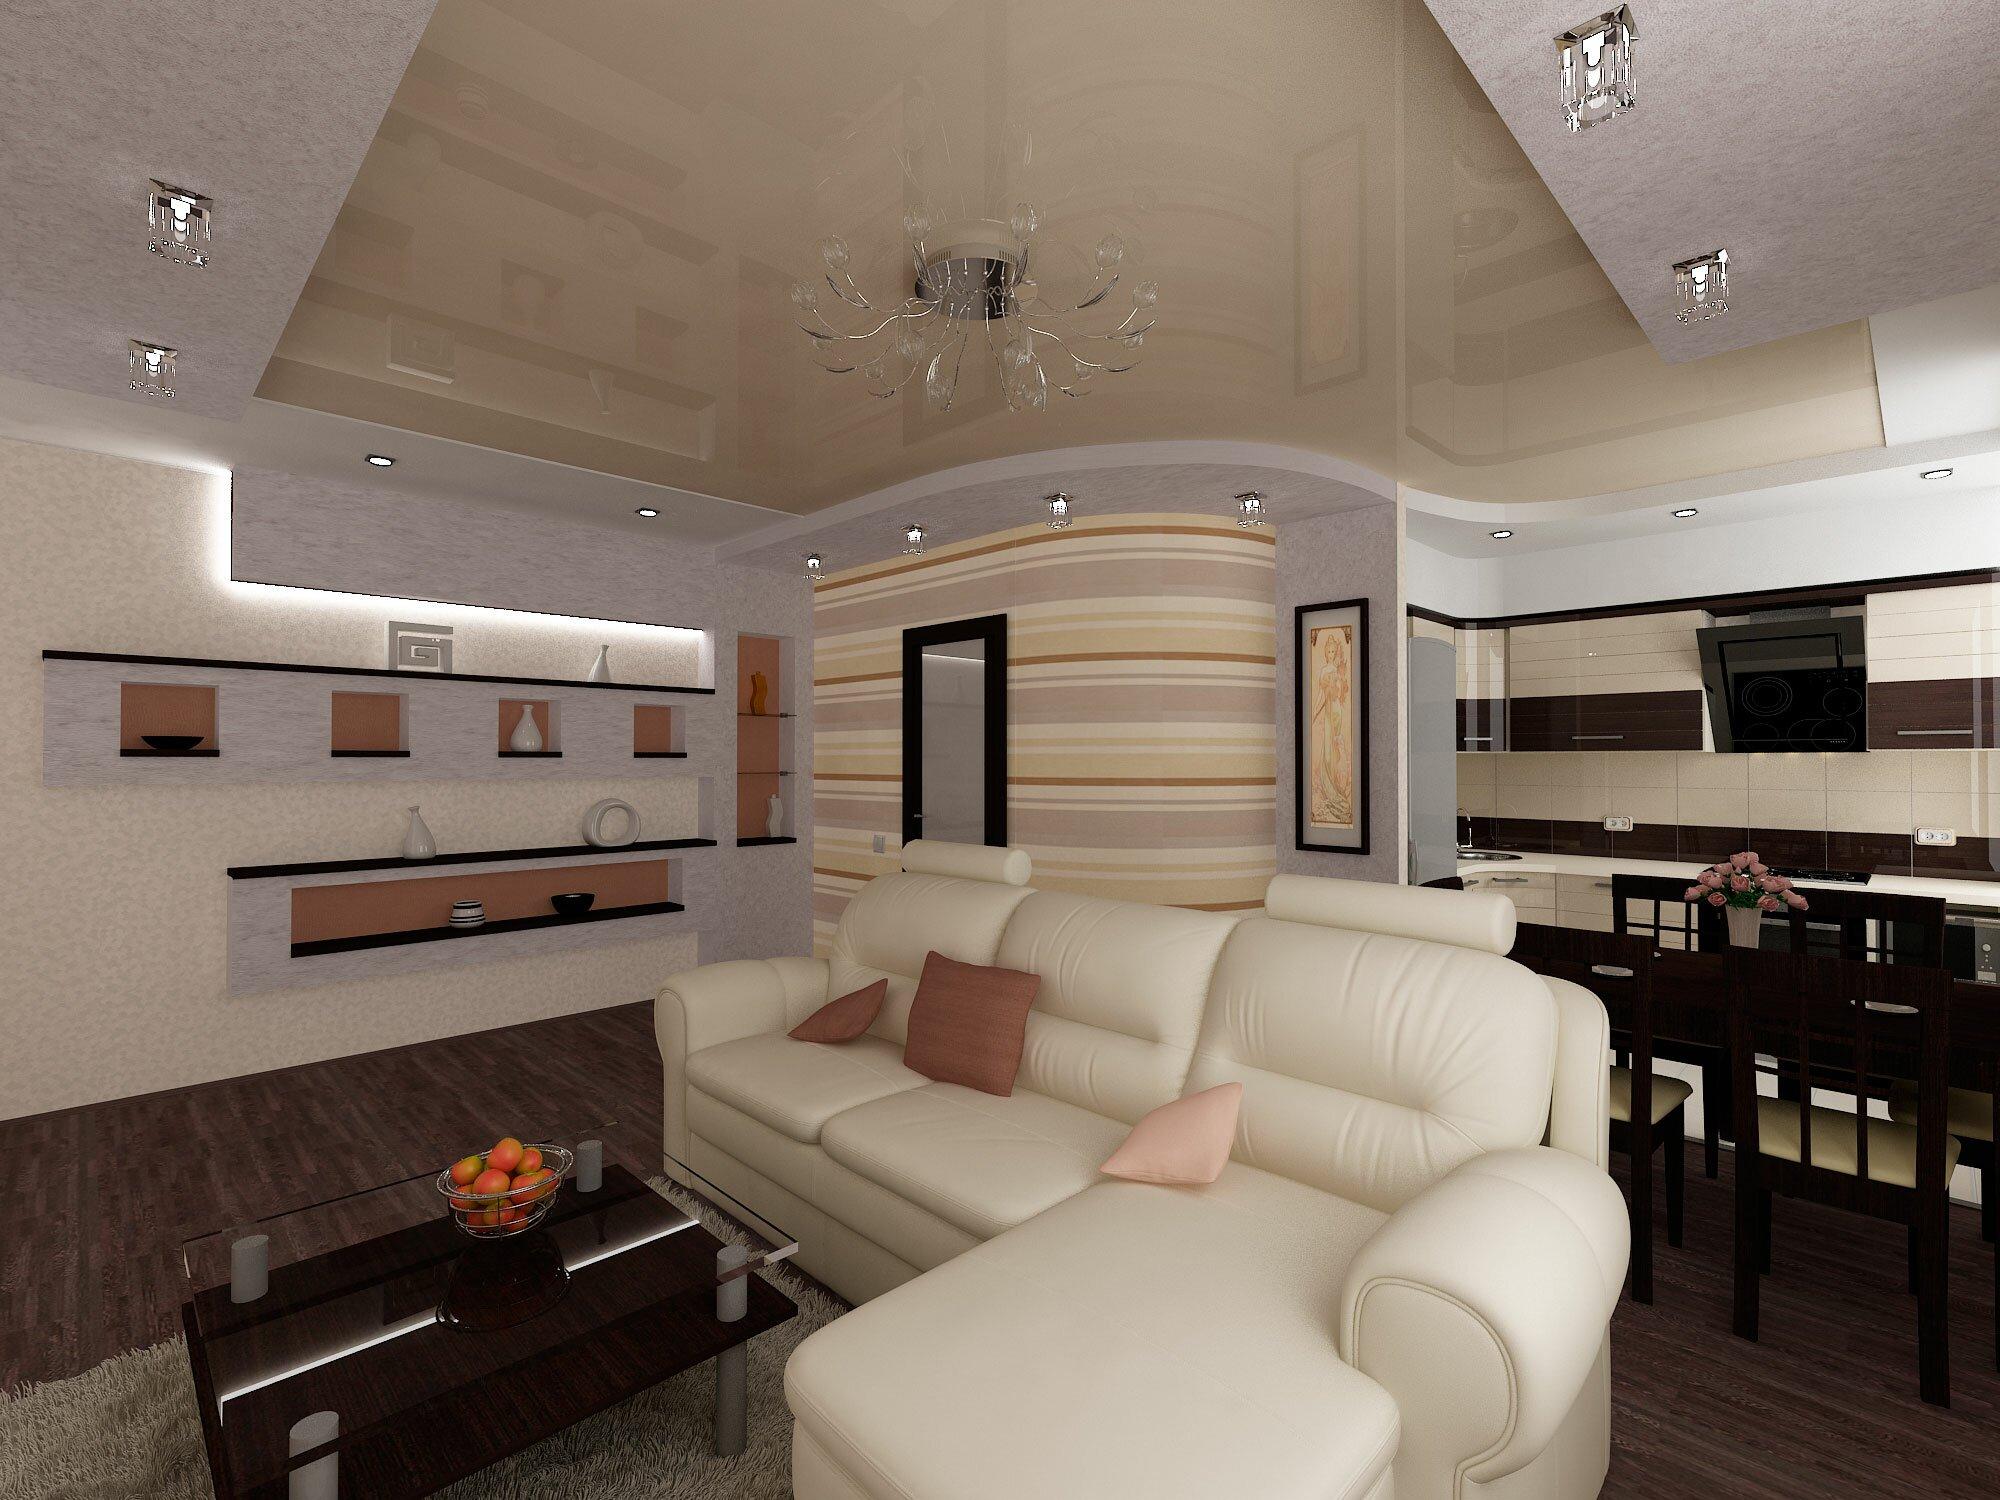 Кухня гостиная с белым диваном 20 квадратов